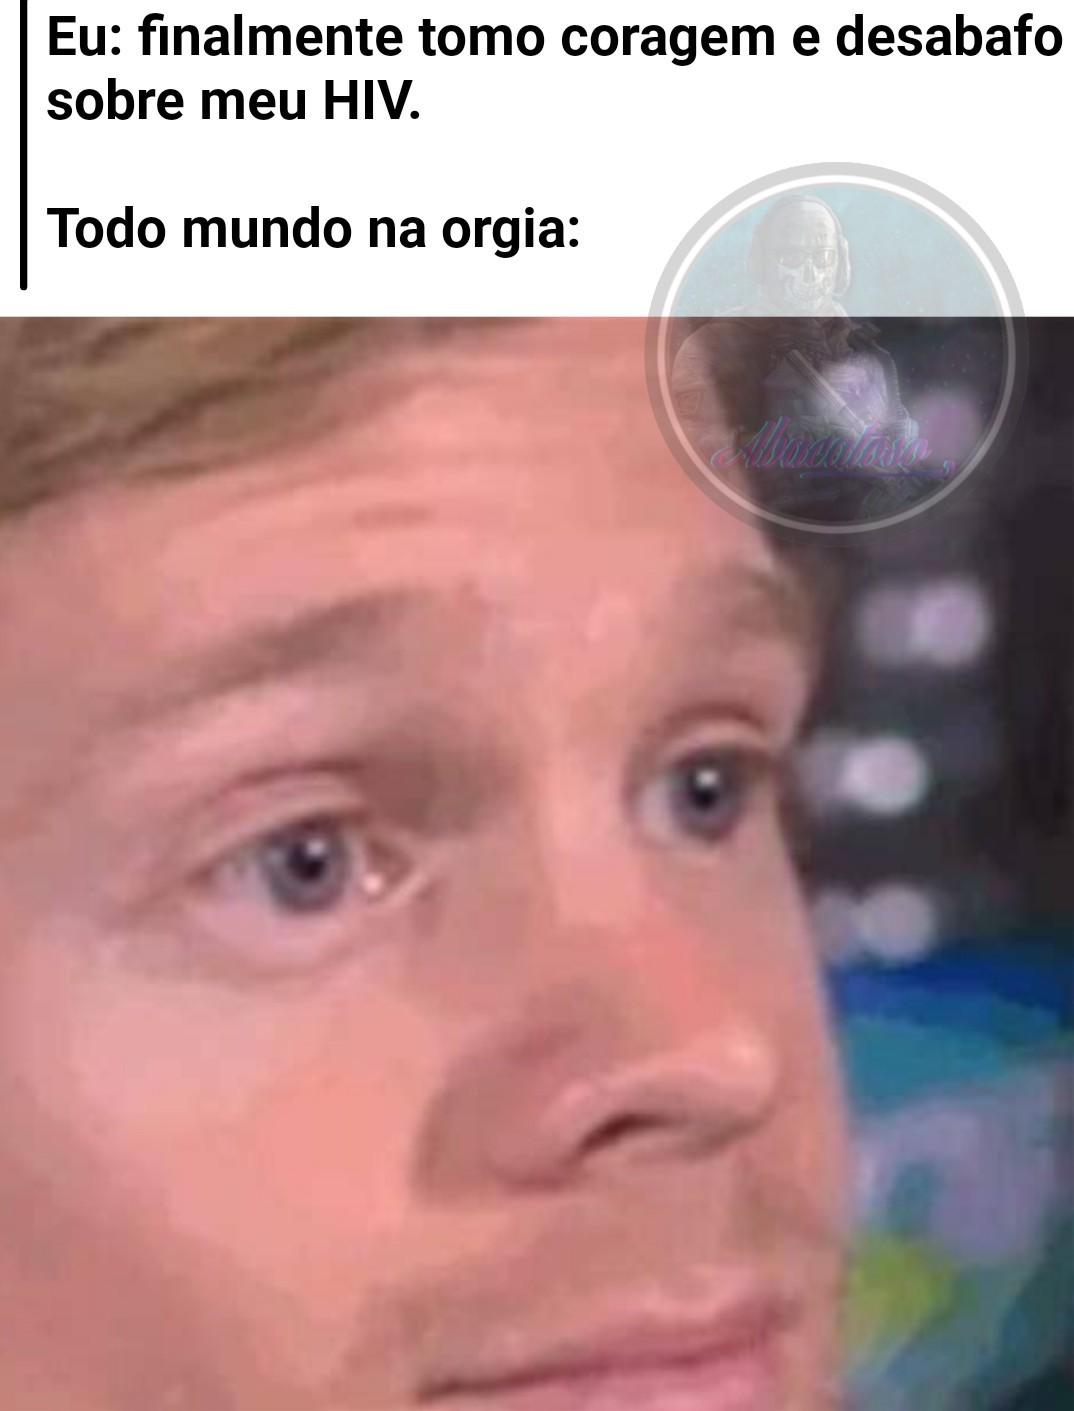 Foda. - meme